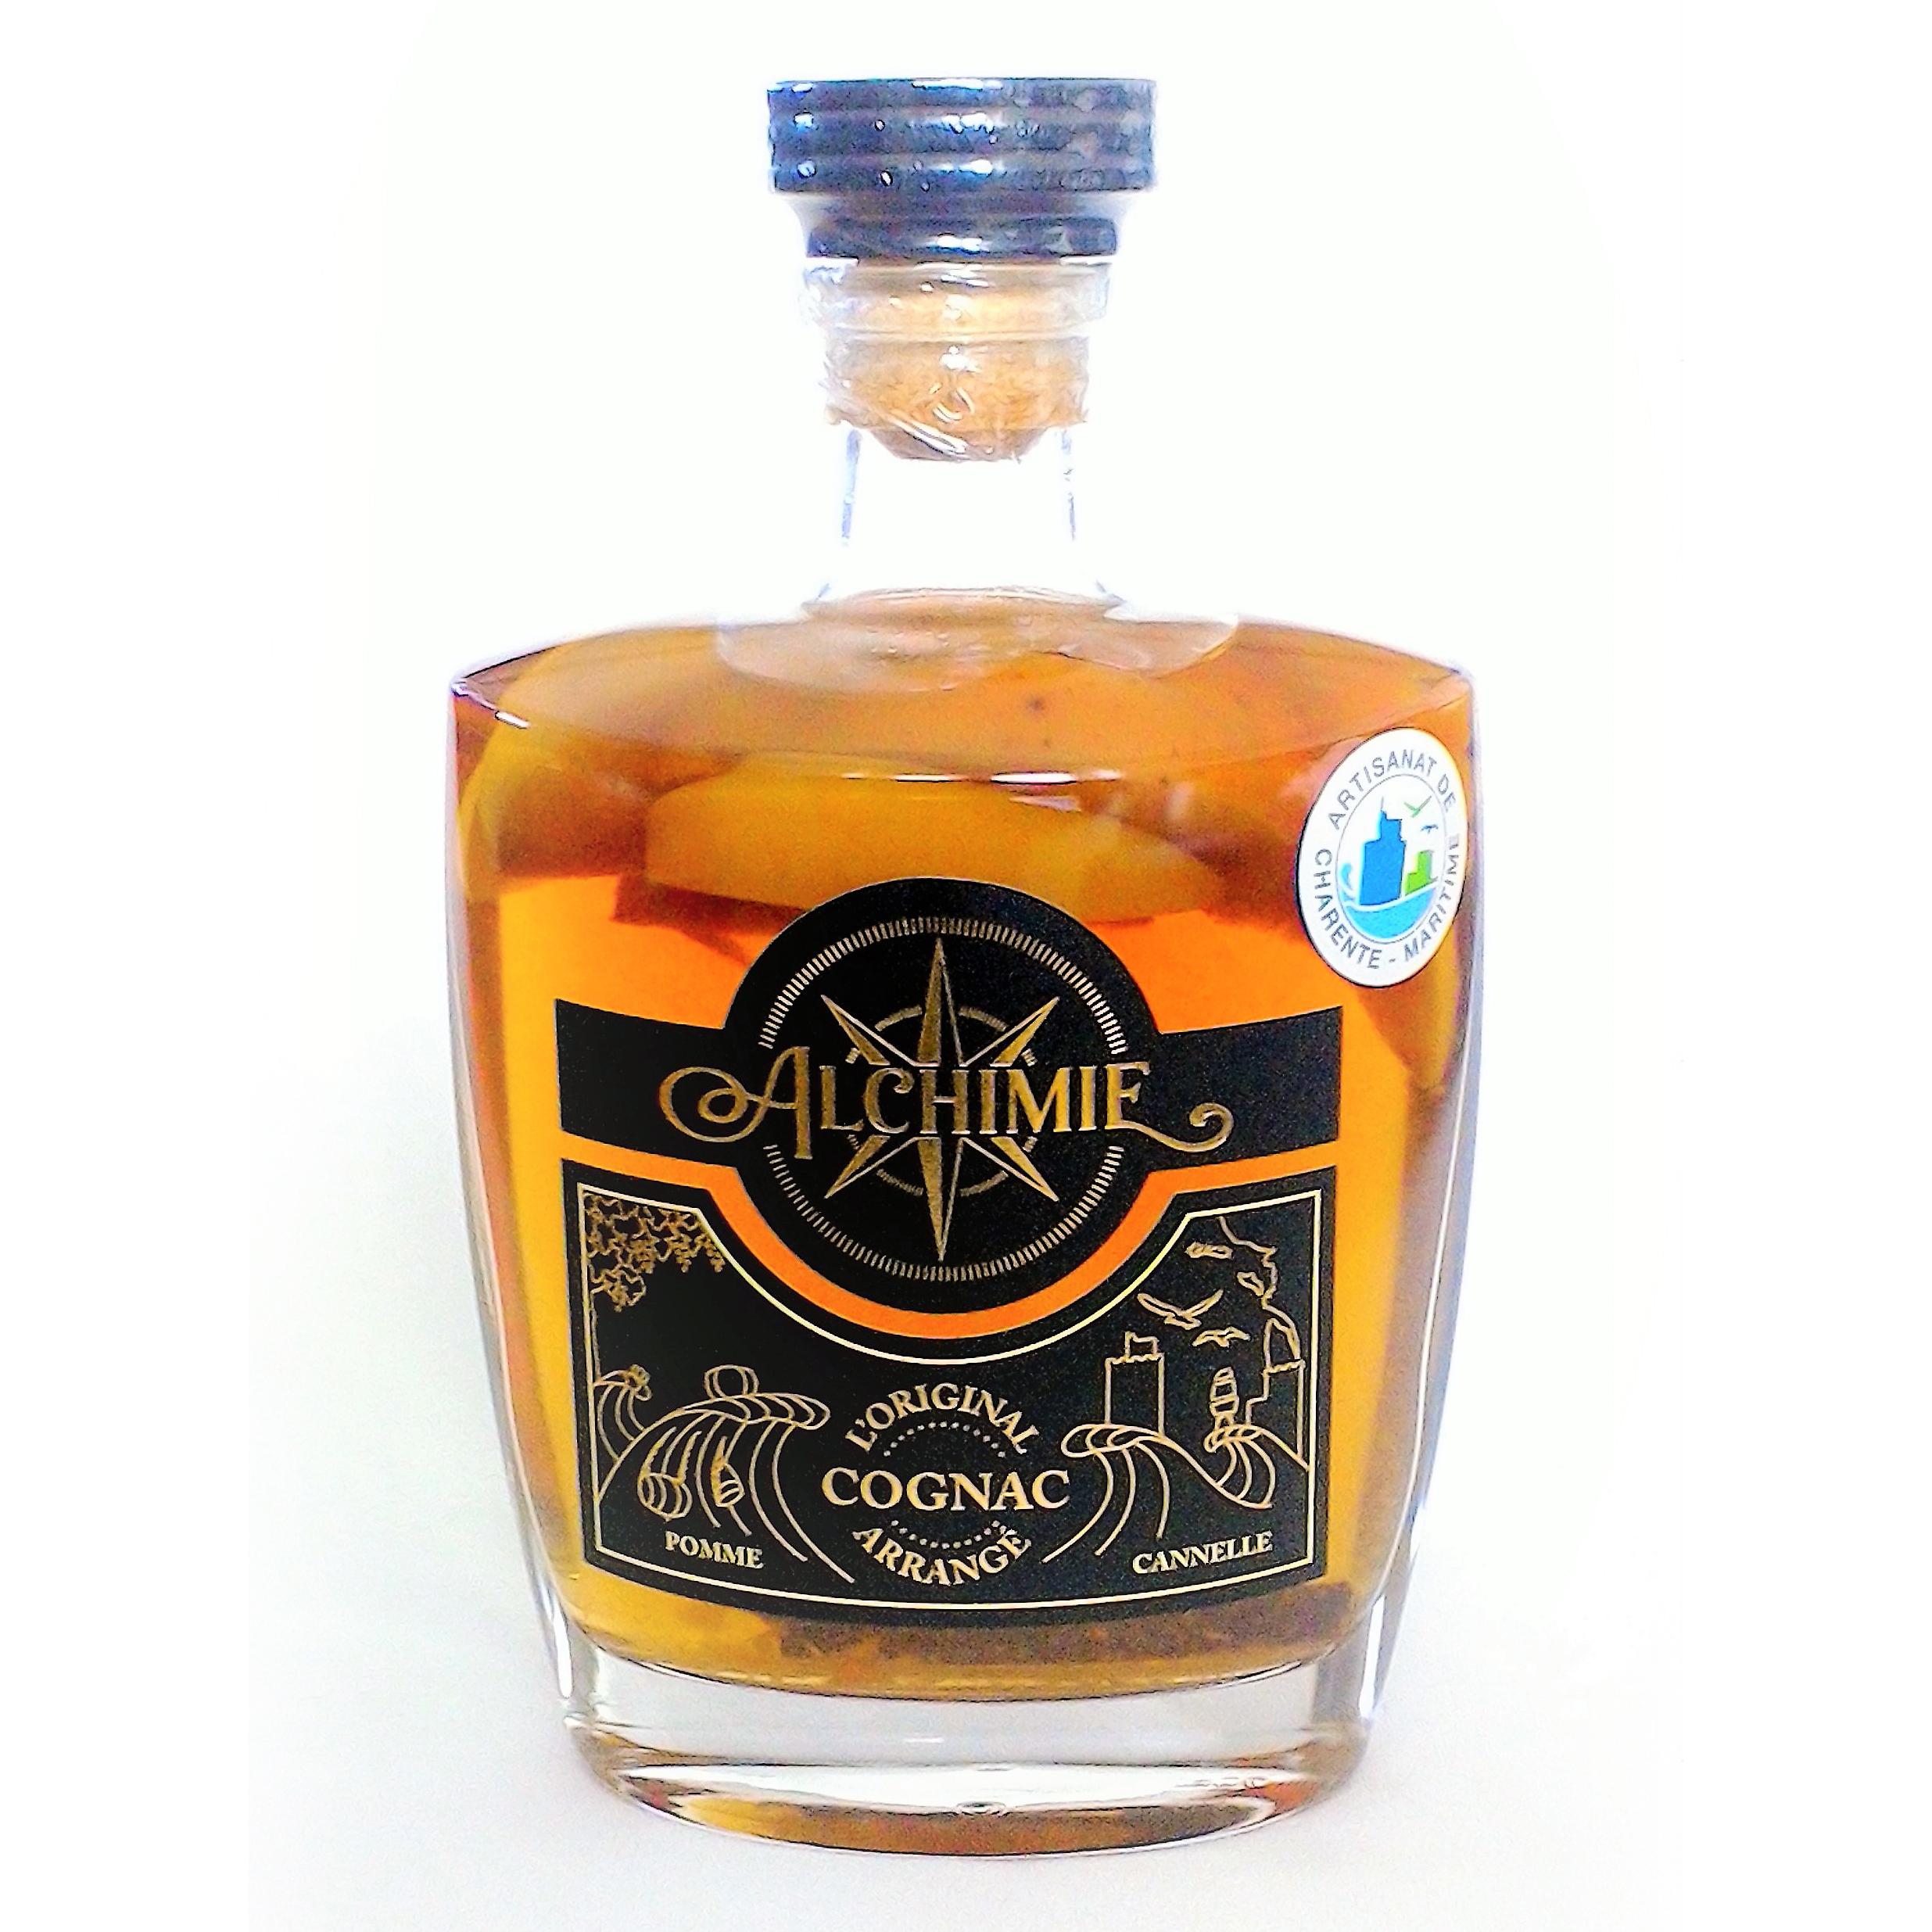 Cognac Arrangé Pomme Cannelle - Alchimie